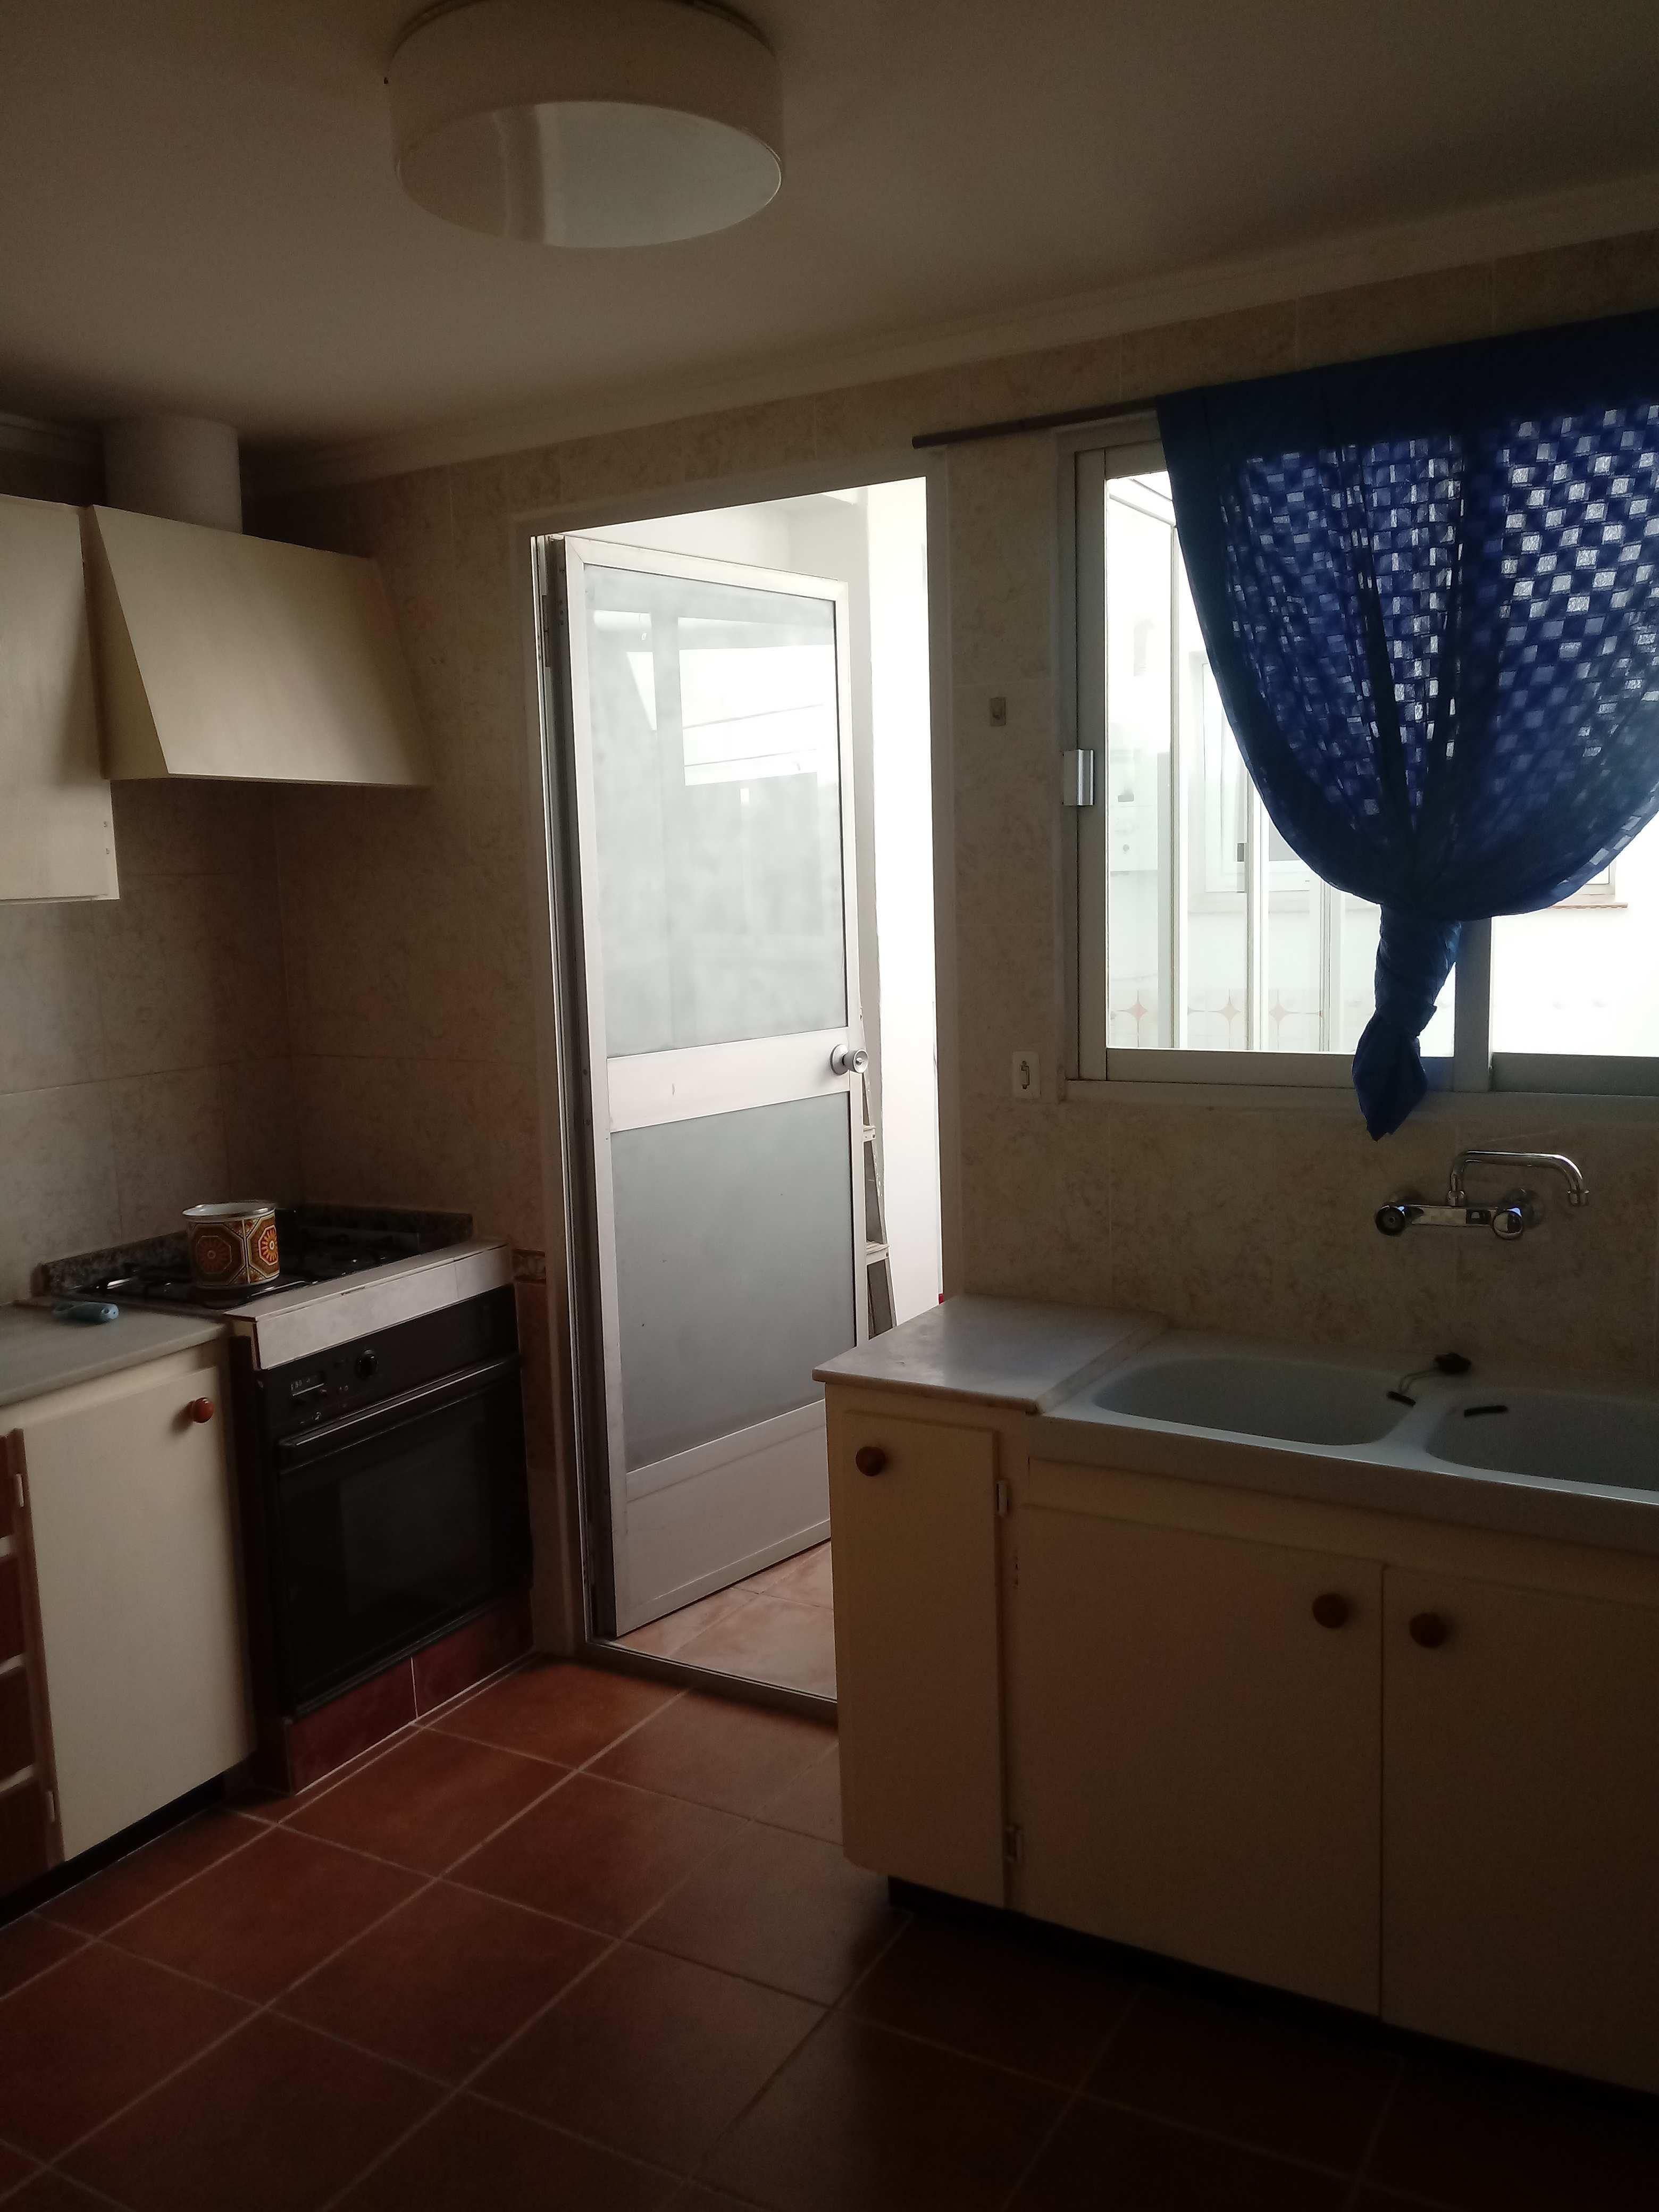 Galerie de photos - 9 - Olea-Home | Real Estate en Orba y Teulada-Moraira |